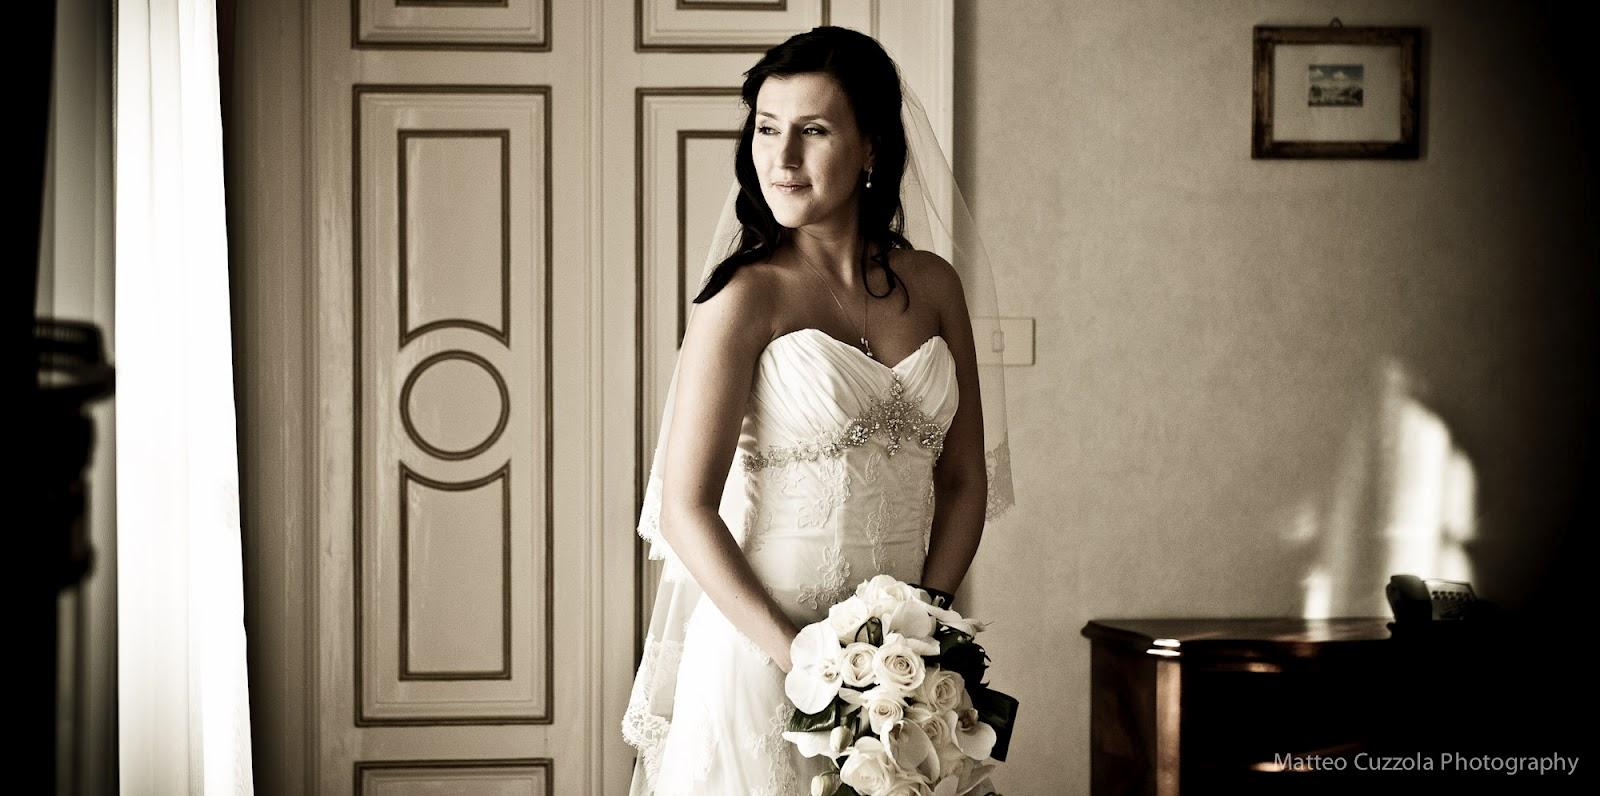 Come diventare fotografo di matrimonio 79